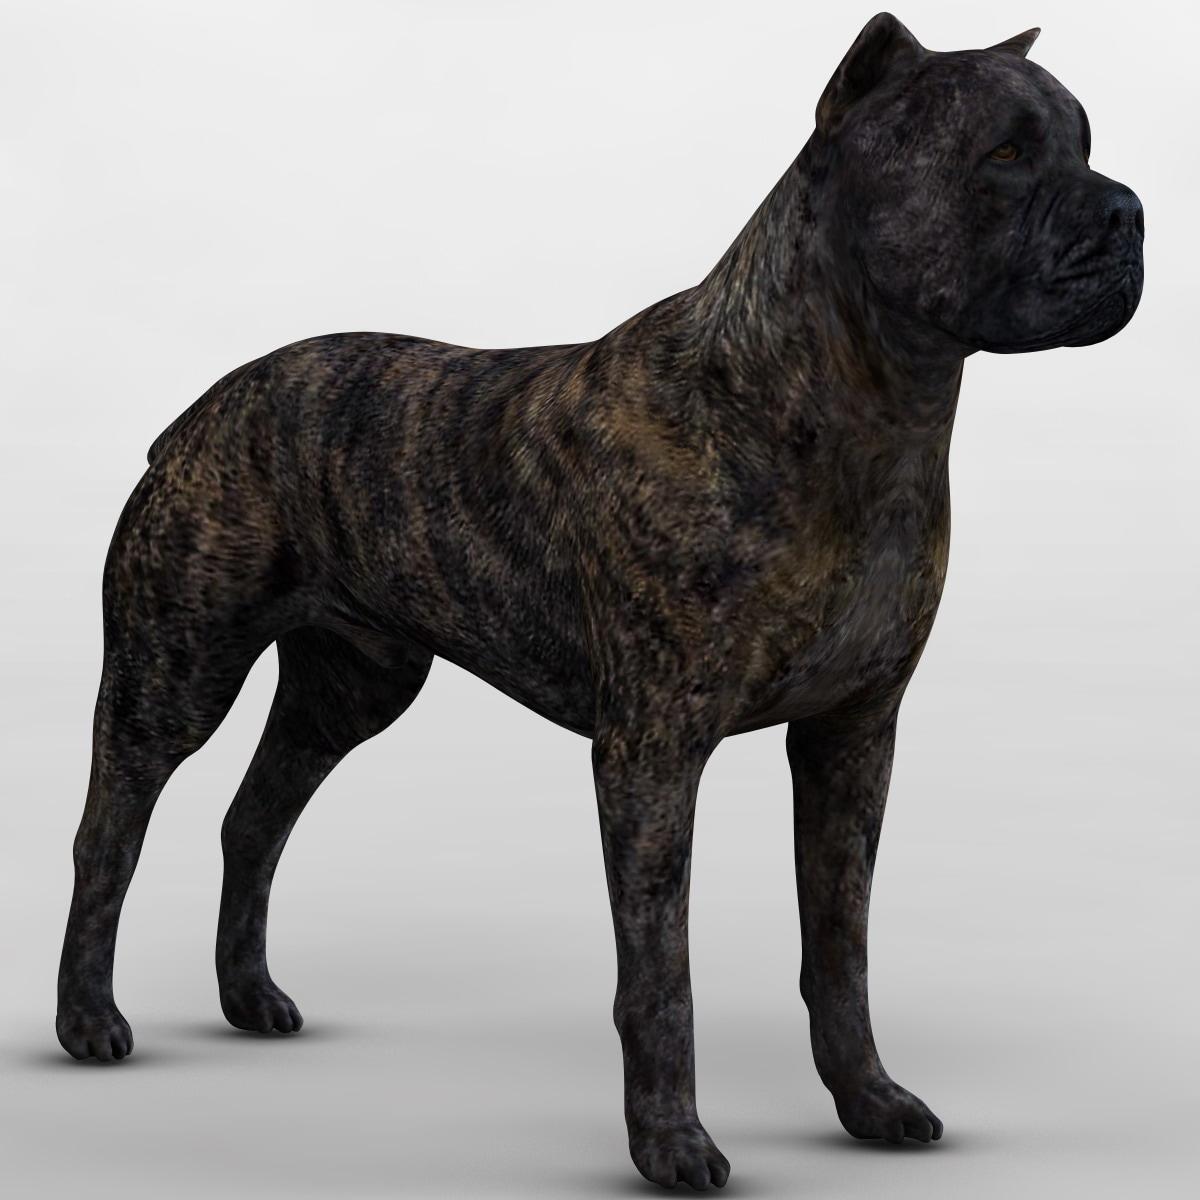 cane corso dog 3ds